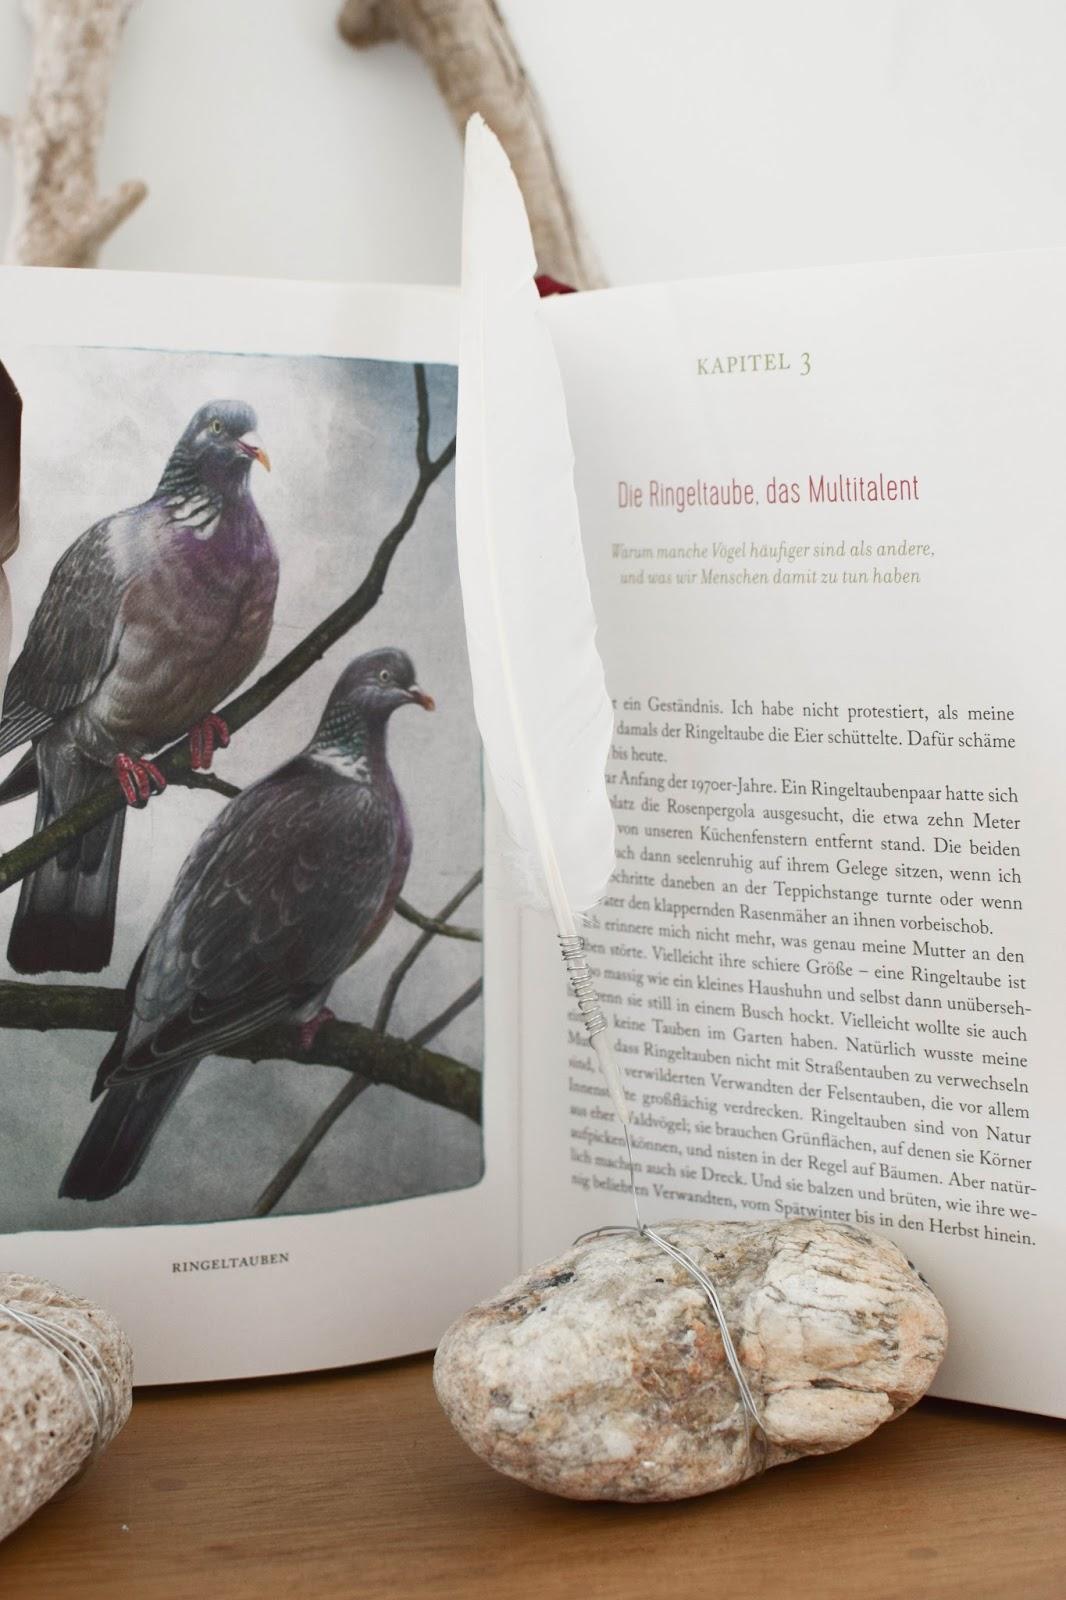 Federn Deko basteln mit Draht Stein Treibgut. Buchtipp: Federnlesen vom Glück Vögel zu beobachten Johanna Romberg Lübbe Verlag